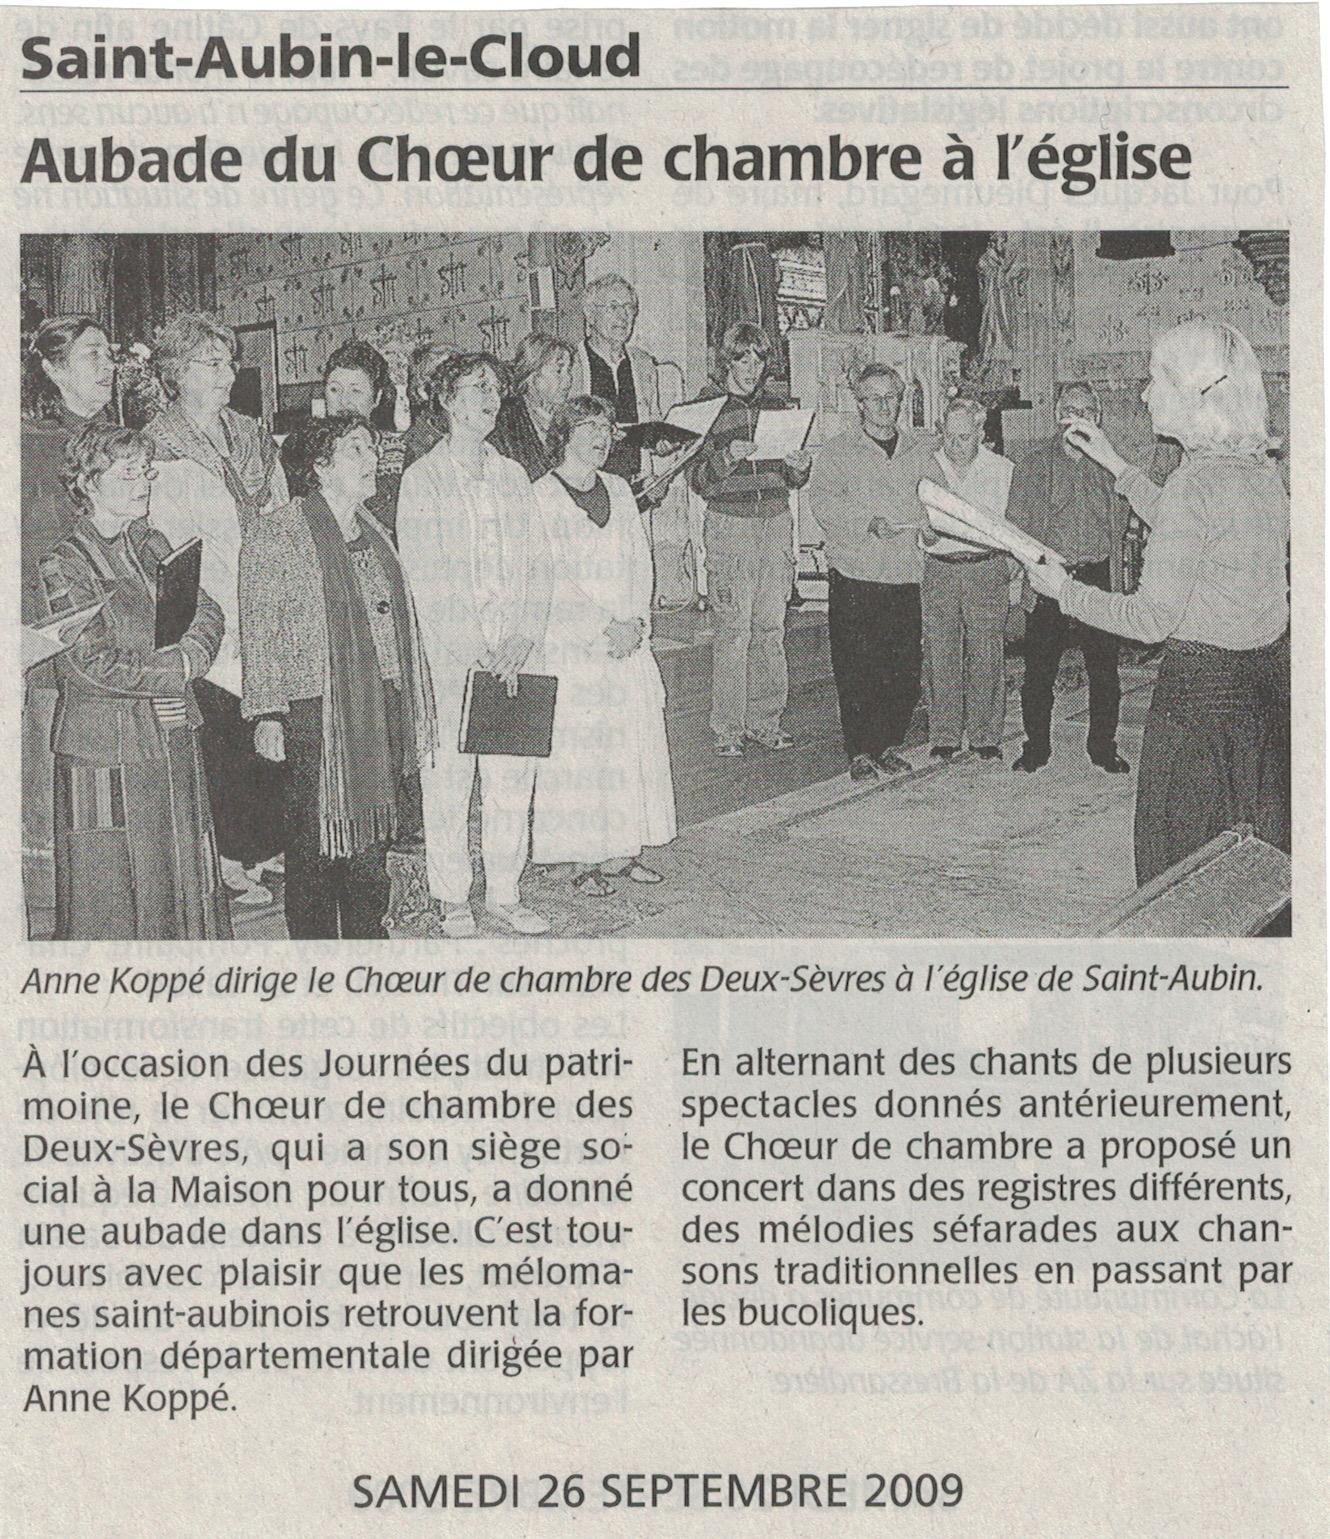 CO, Aubade à St-Aubin 2009